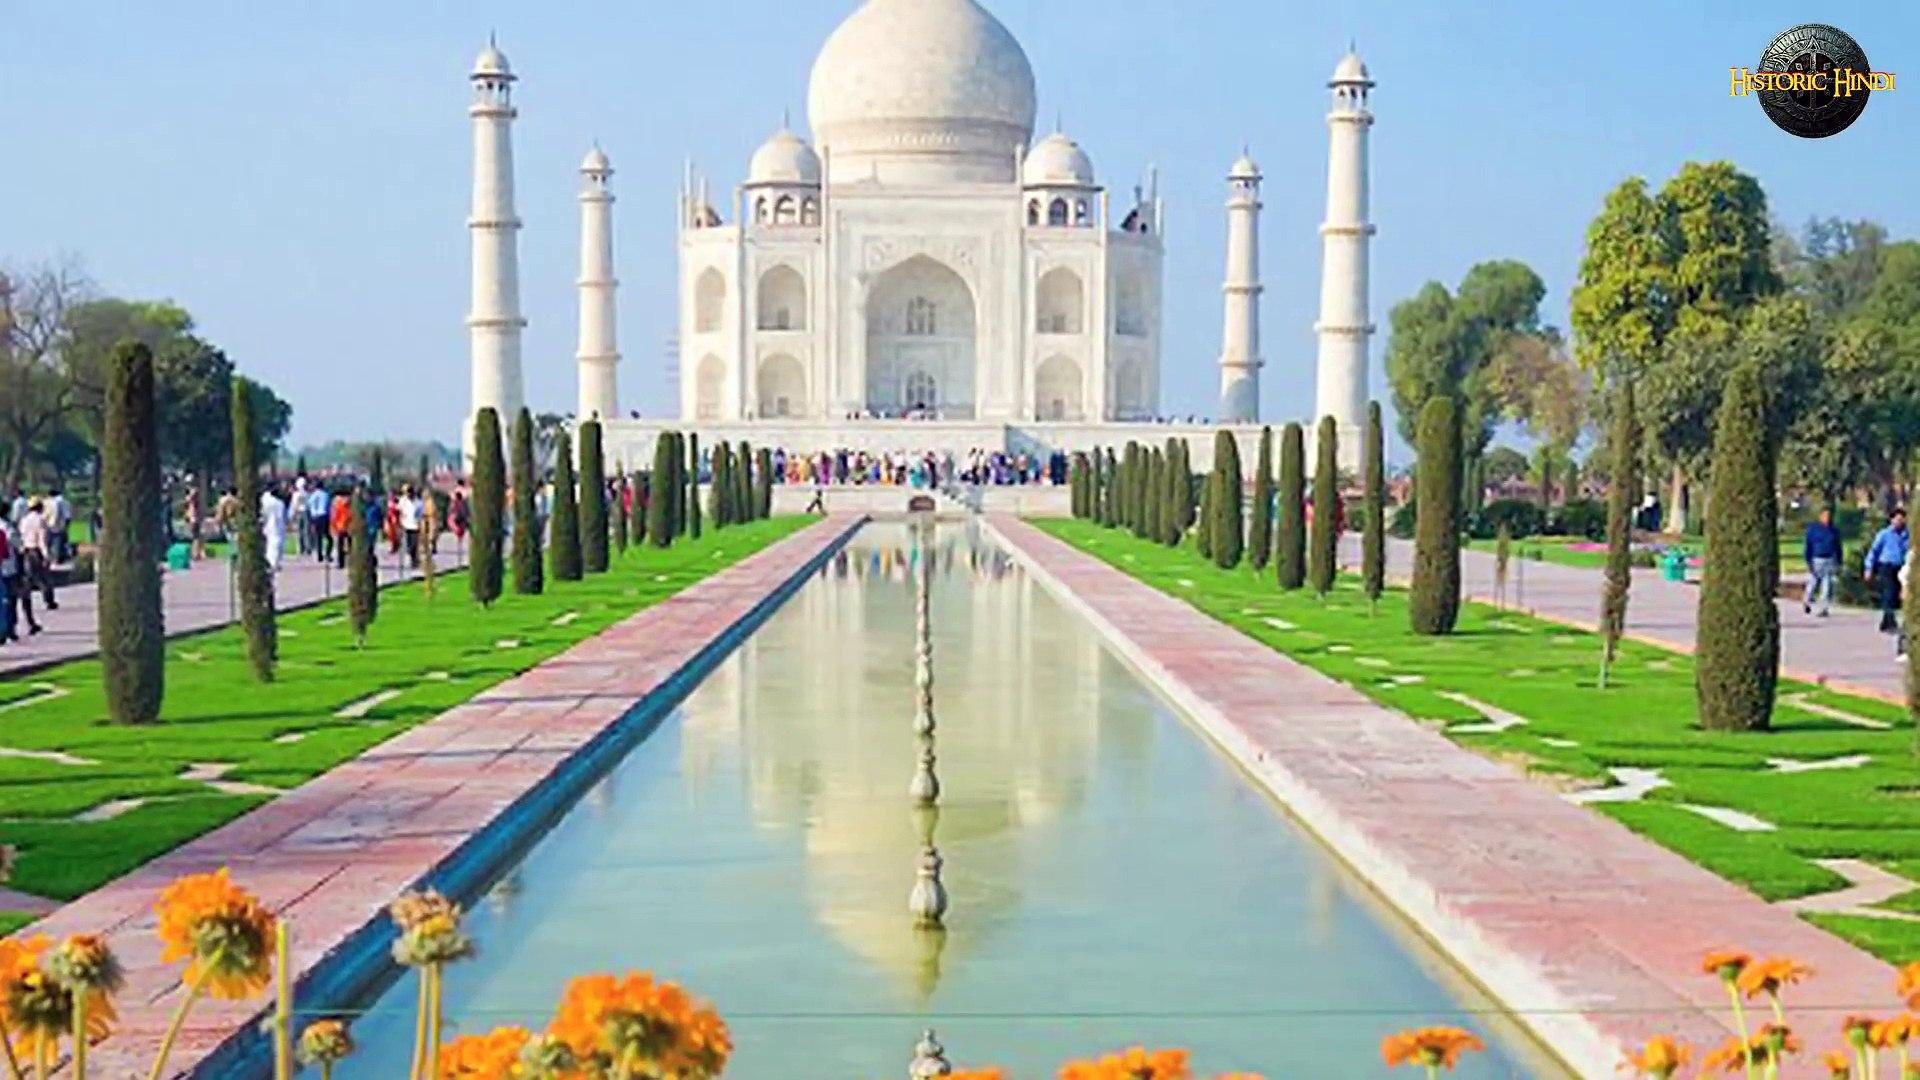 ताजमहल की ये बातें आपको नहीं पता होंगी | Unknown Facts about Taj Mahal in Hindi by entertainment top